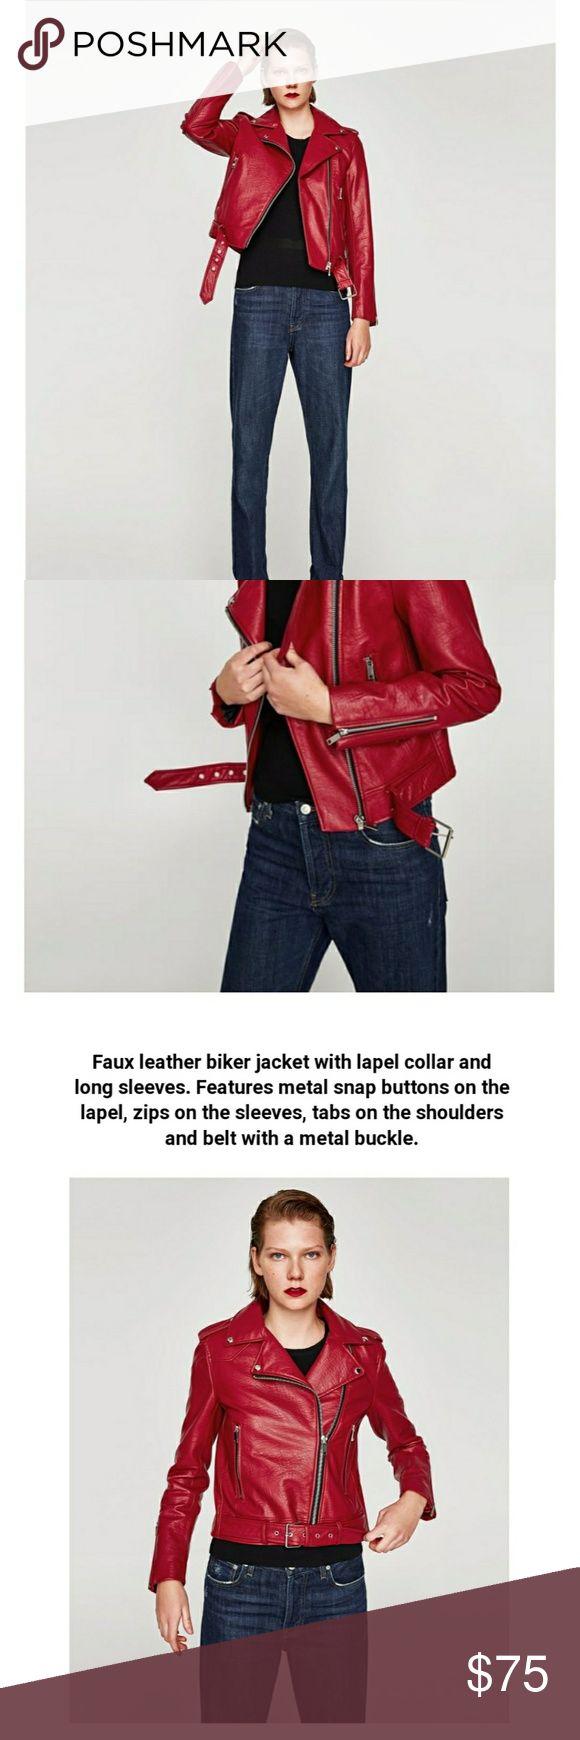 Xlarge leather effect zara jacket New. Price firm. Code bm Zara Jackets & Coats Blazers